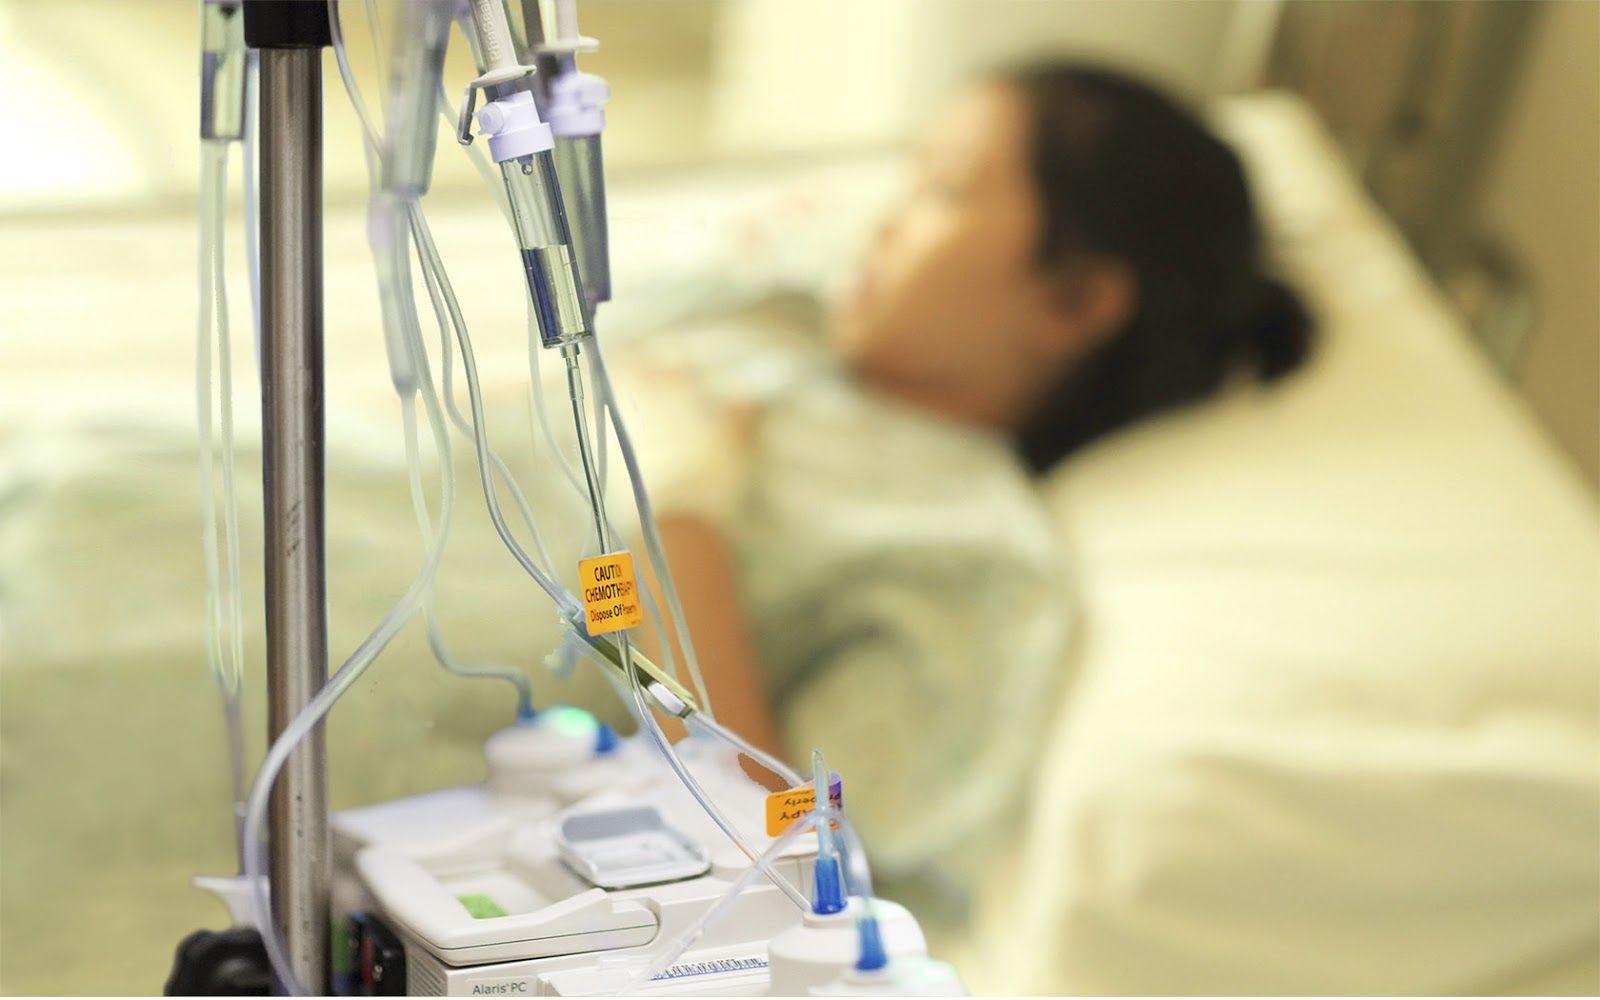 Hóa trị là phương pháp thường được áp dụng trong điều trị ung thư phế quản giai đoạn cuối